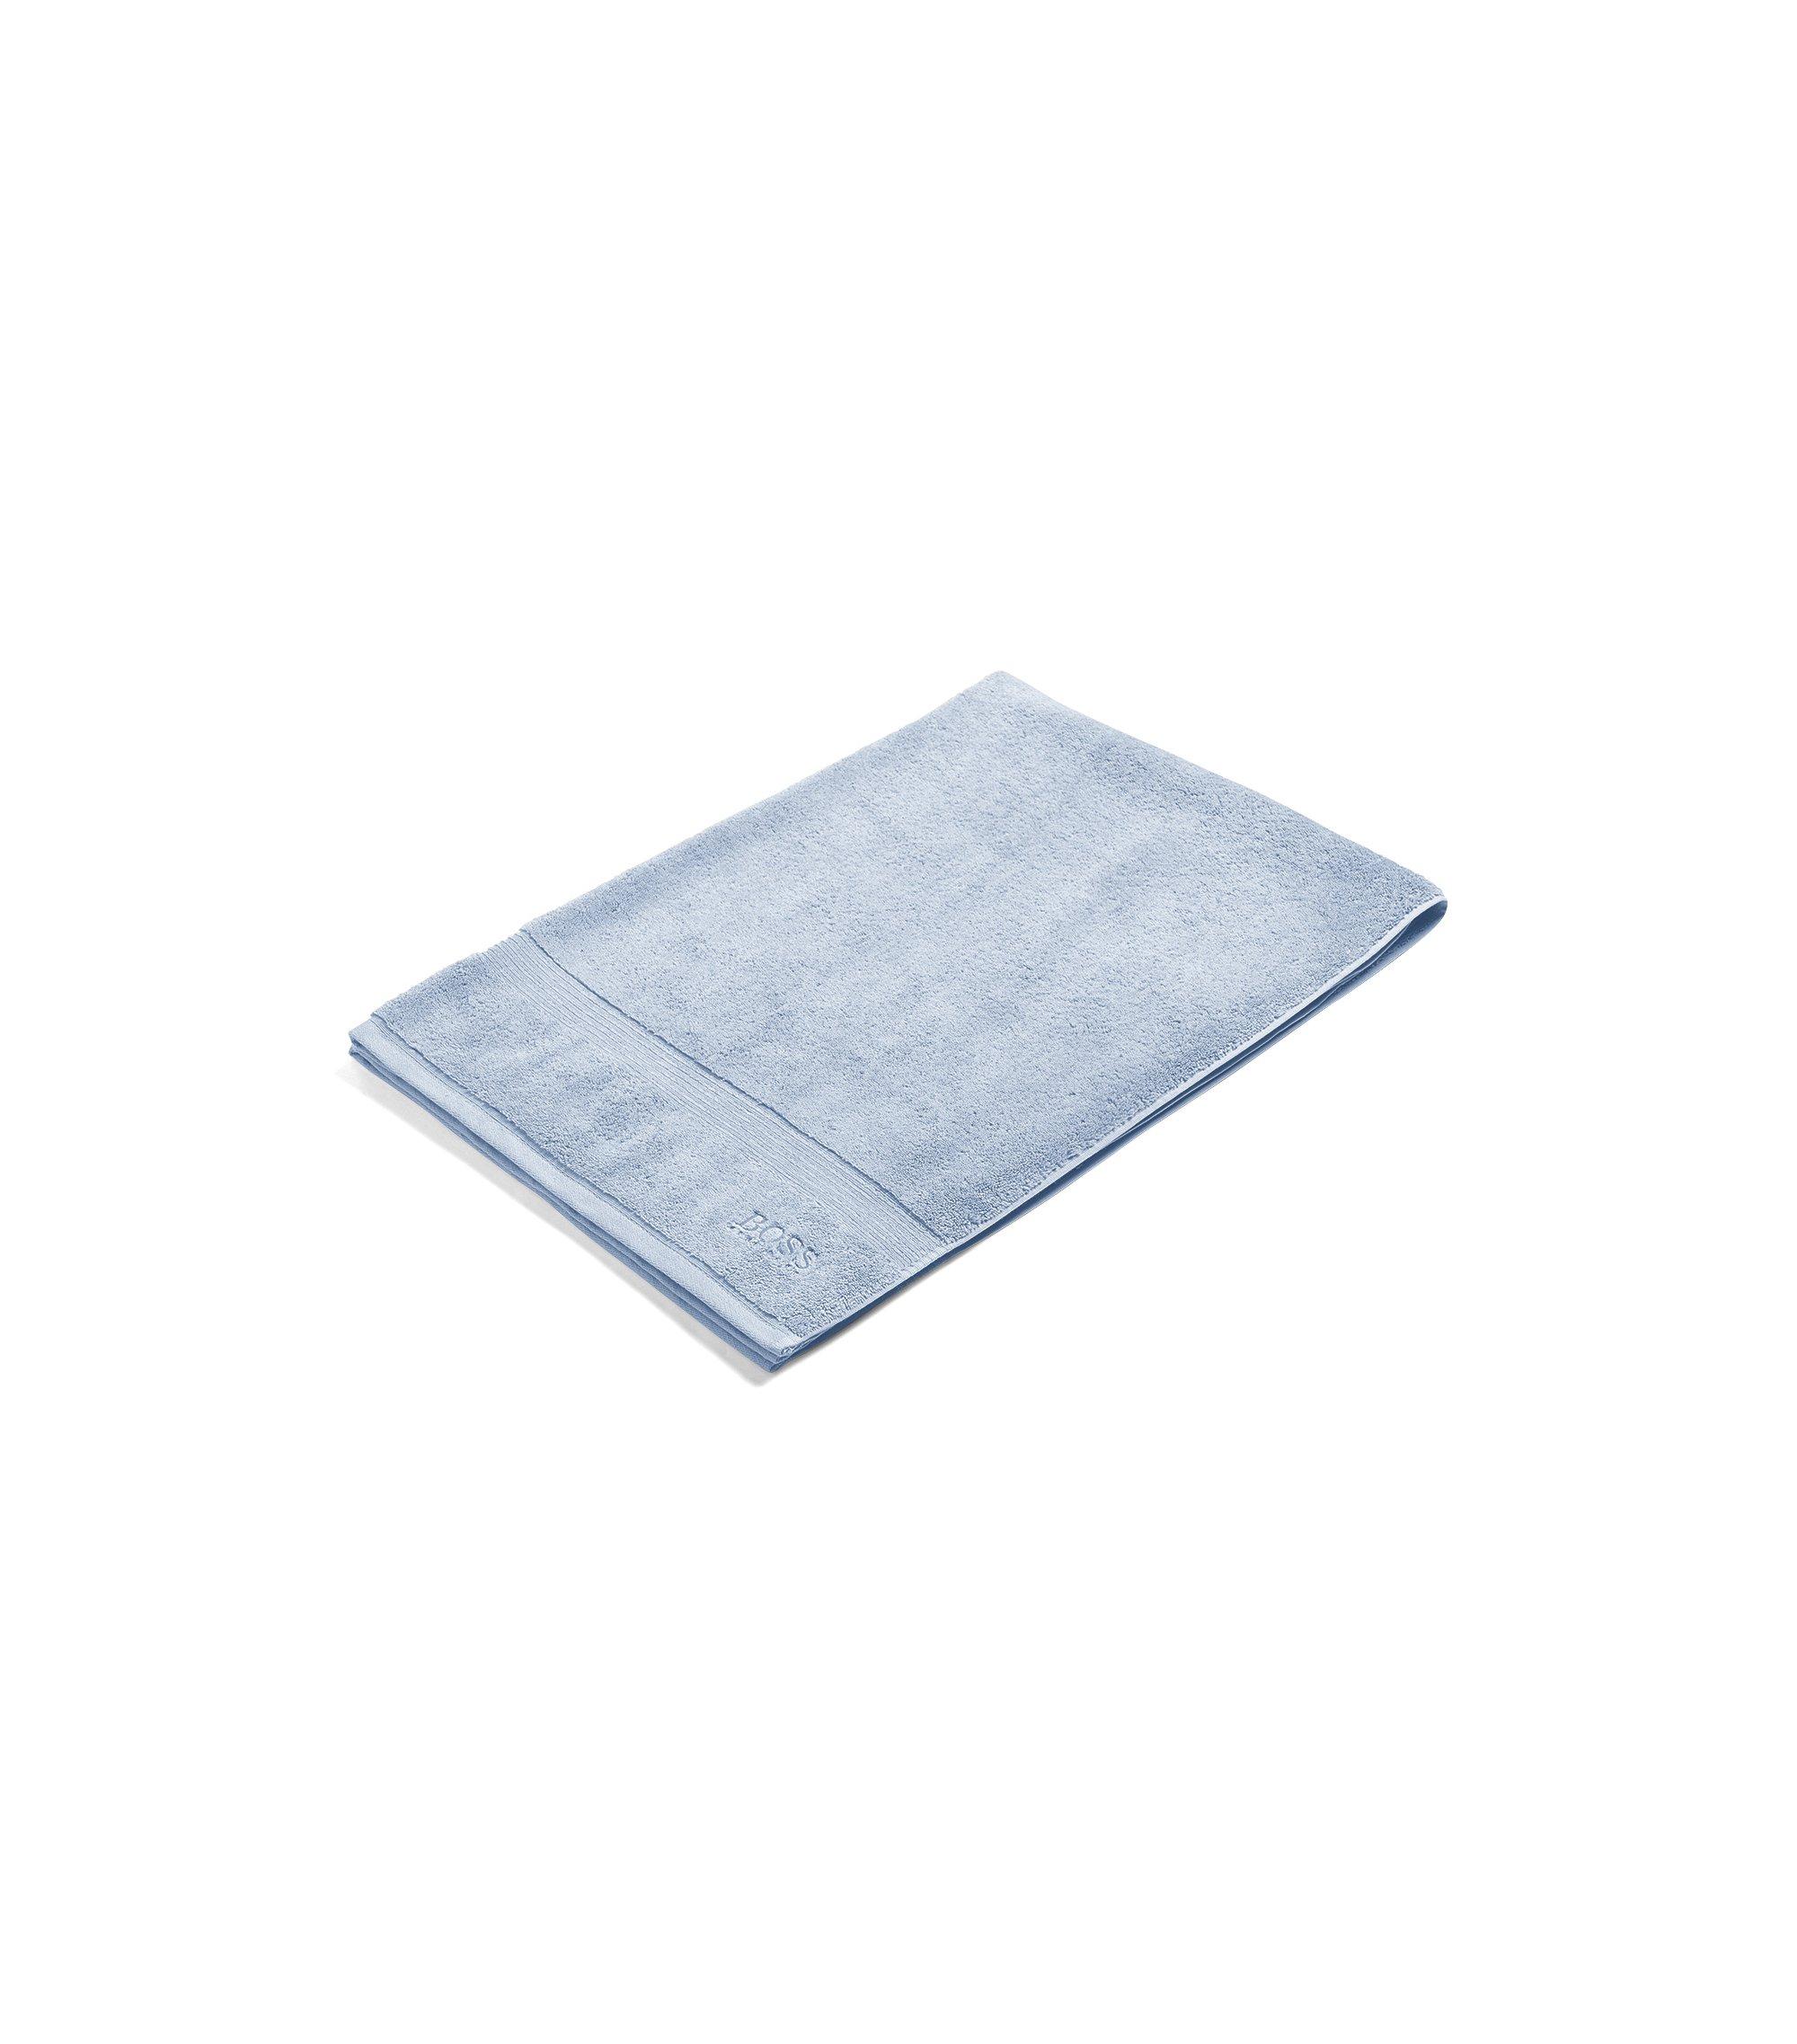 Serviette de bain en coton peigné de la mer Égée avec bordures côtelées, Bleu vif